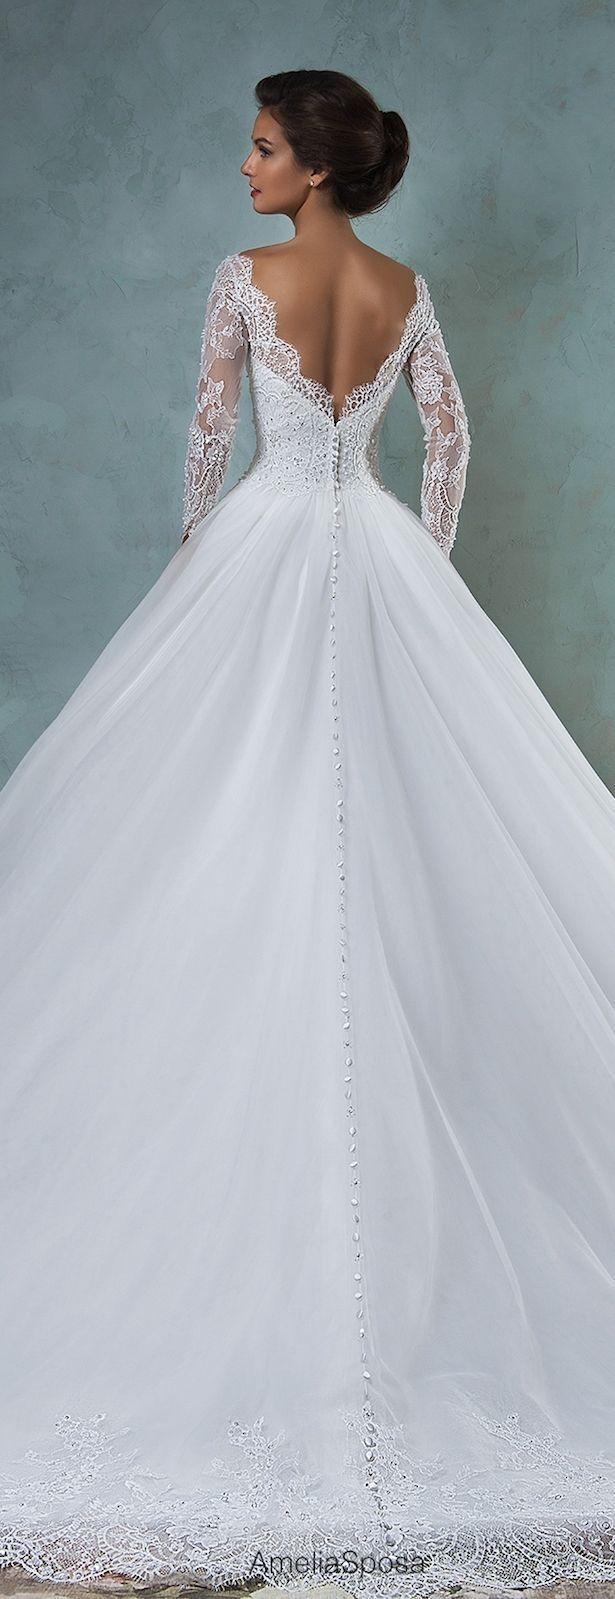 30 best Hochzeitskleid images on Pinterest | Gown wedding, Wedding ...